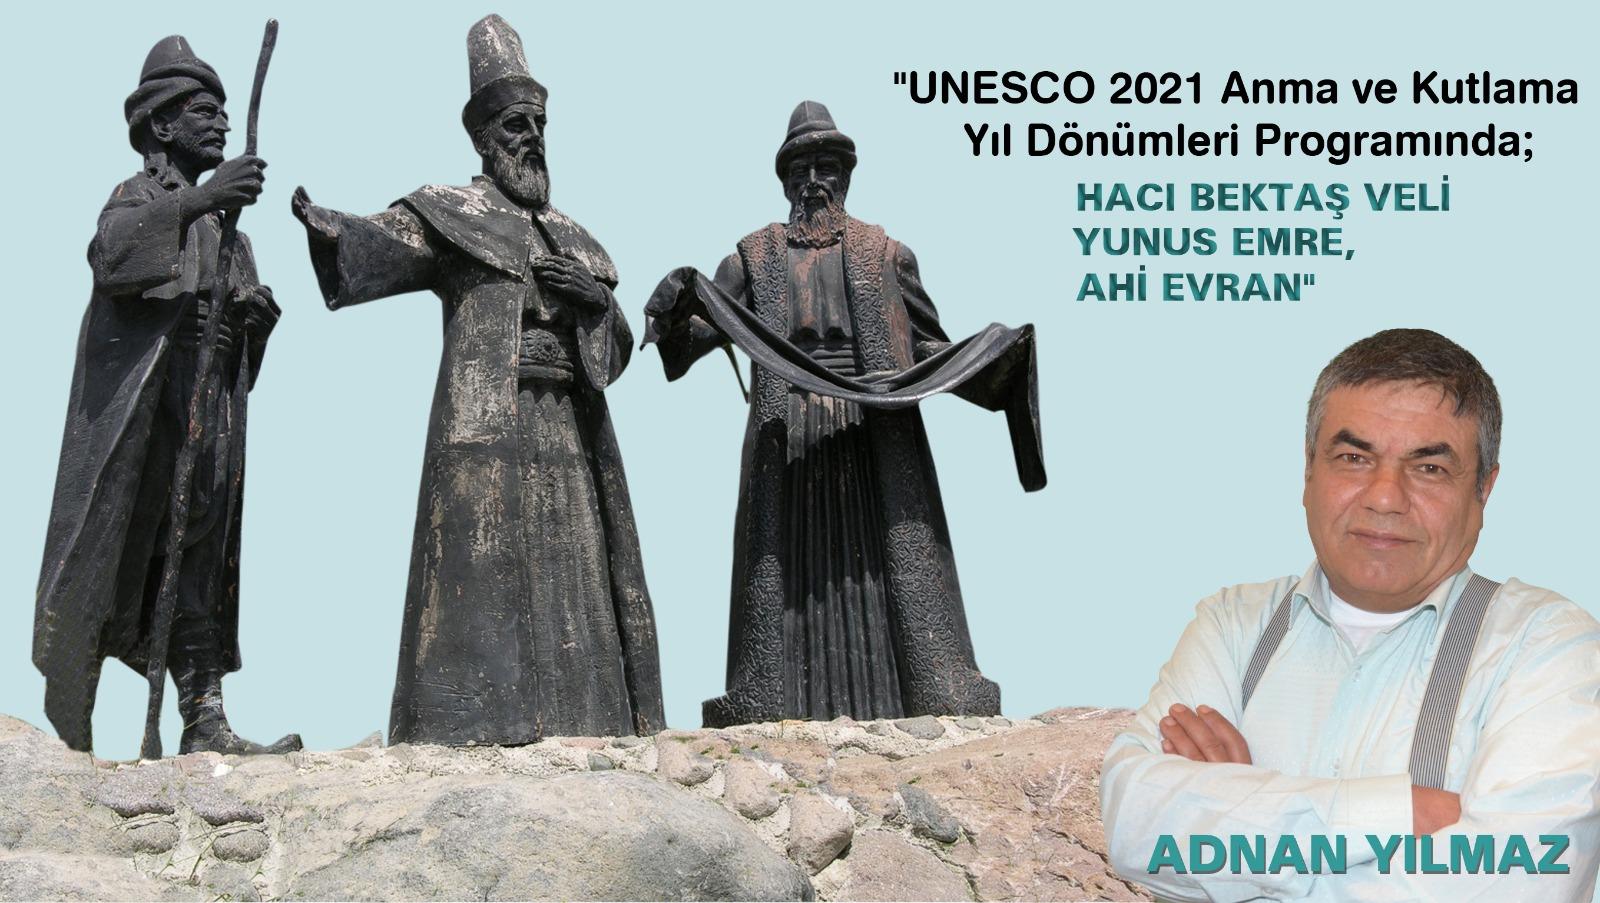 """""""UNESCO 2021 Anma ve Kutlama Yıl Dönümleri Programın da; HACI BEKTAŞ VELİ, YUNUS EMRE,AHİ EVRAN"""""""